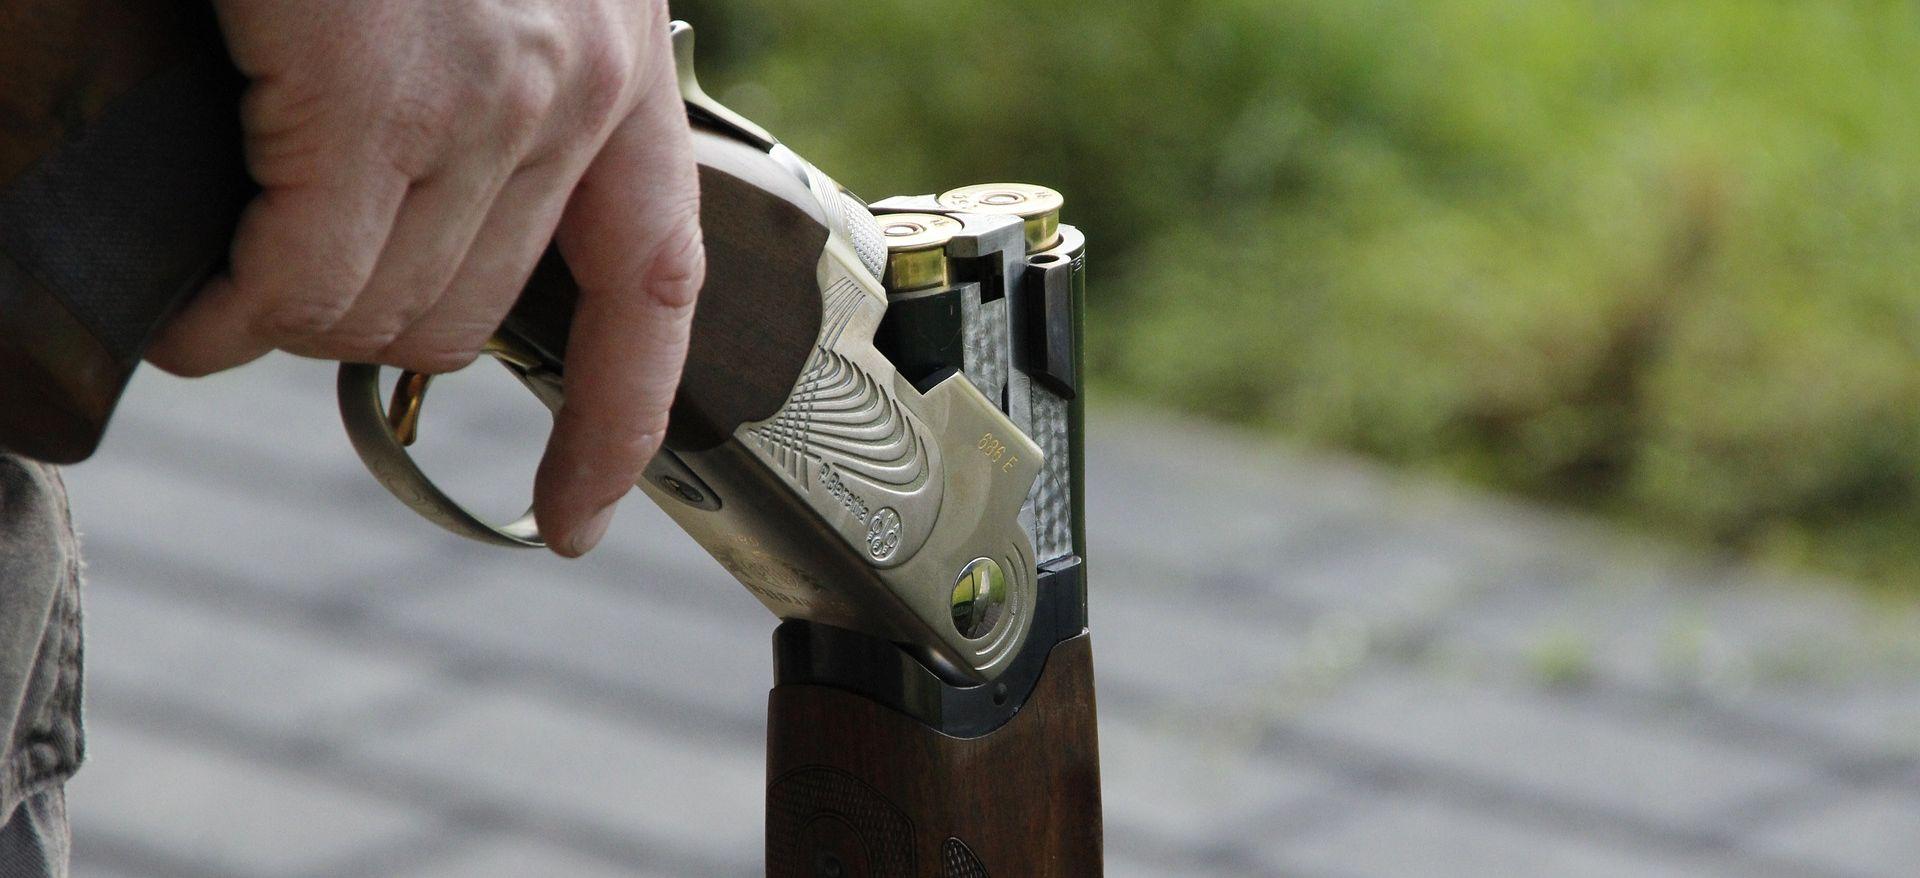 Američko vatreno oružje koristi se za kriminal svaku 31 minutu